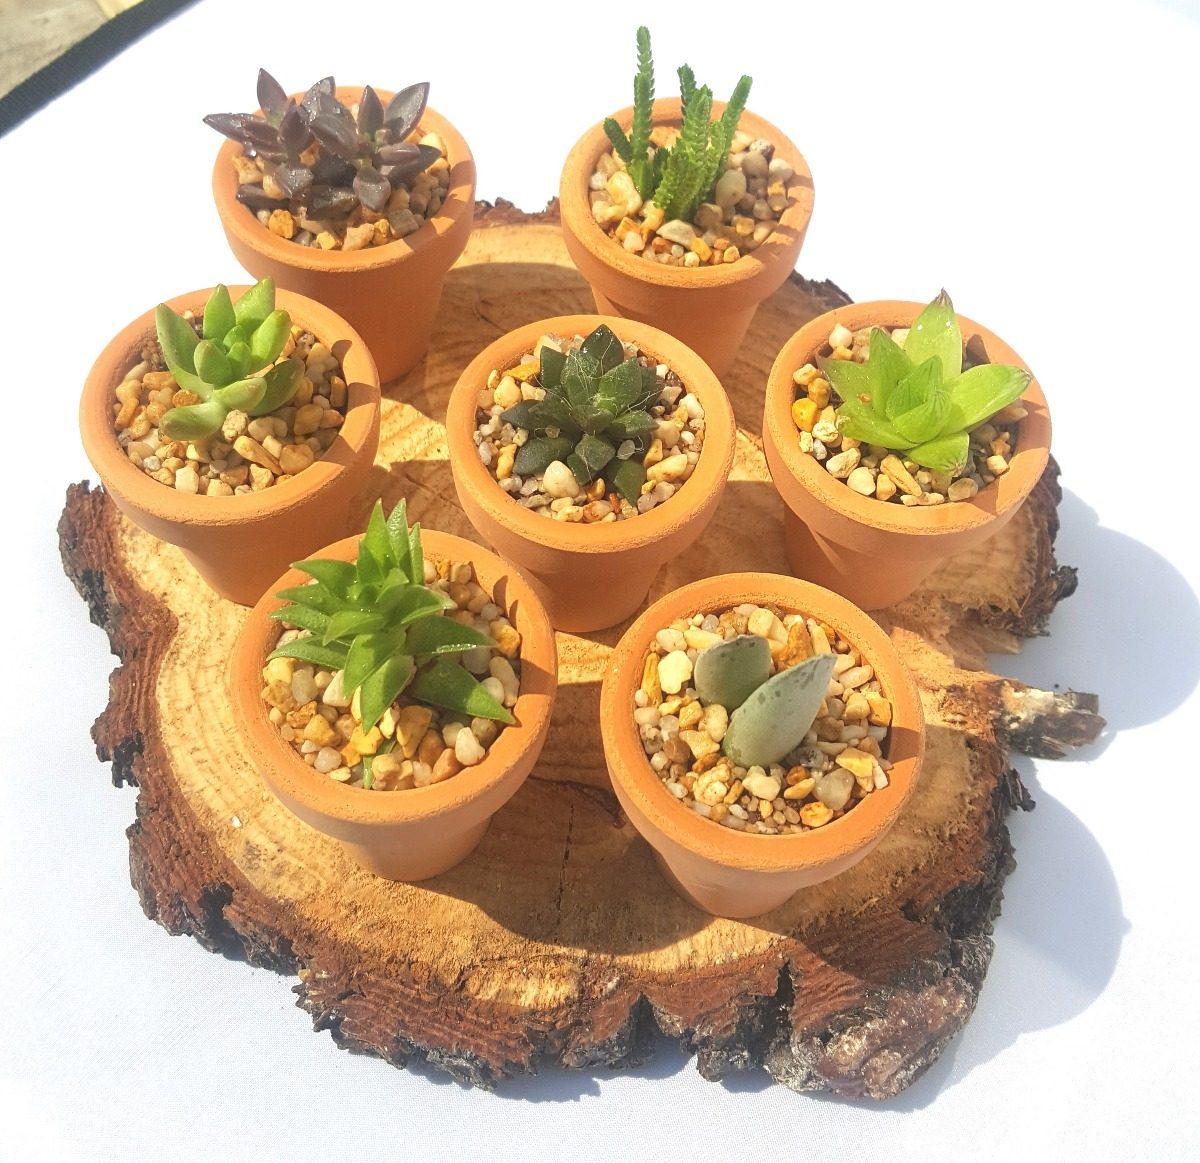 Recuerdos bautizo plantas suculentas cactus miniatura for Decoracion con plantas miniatura